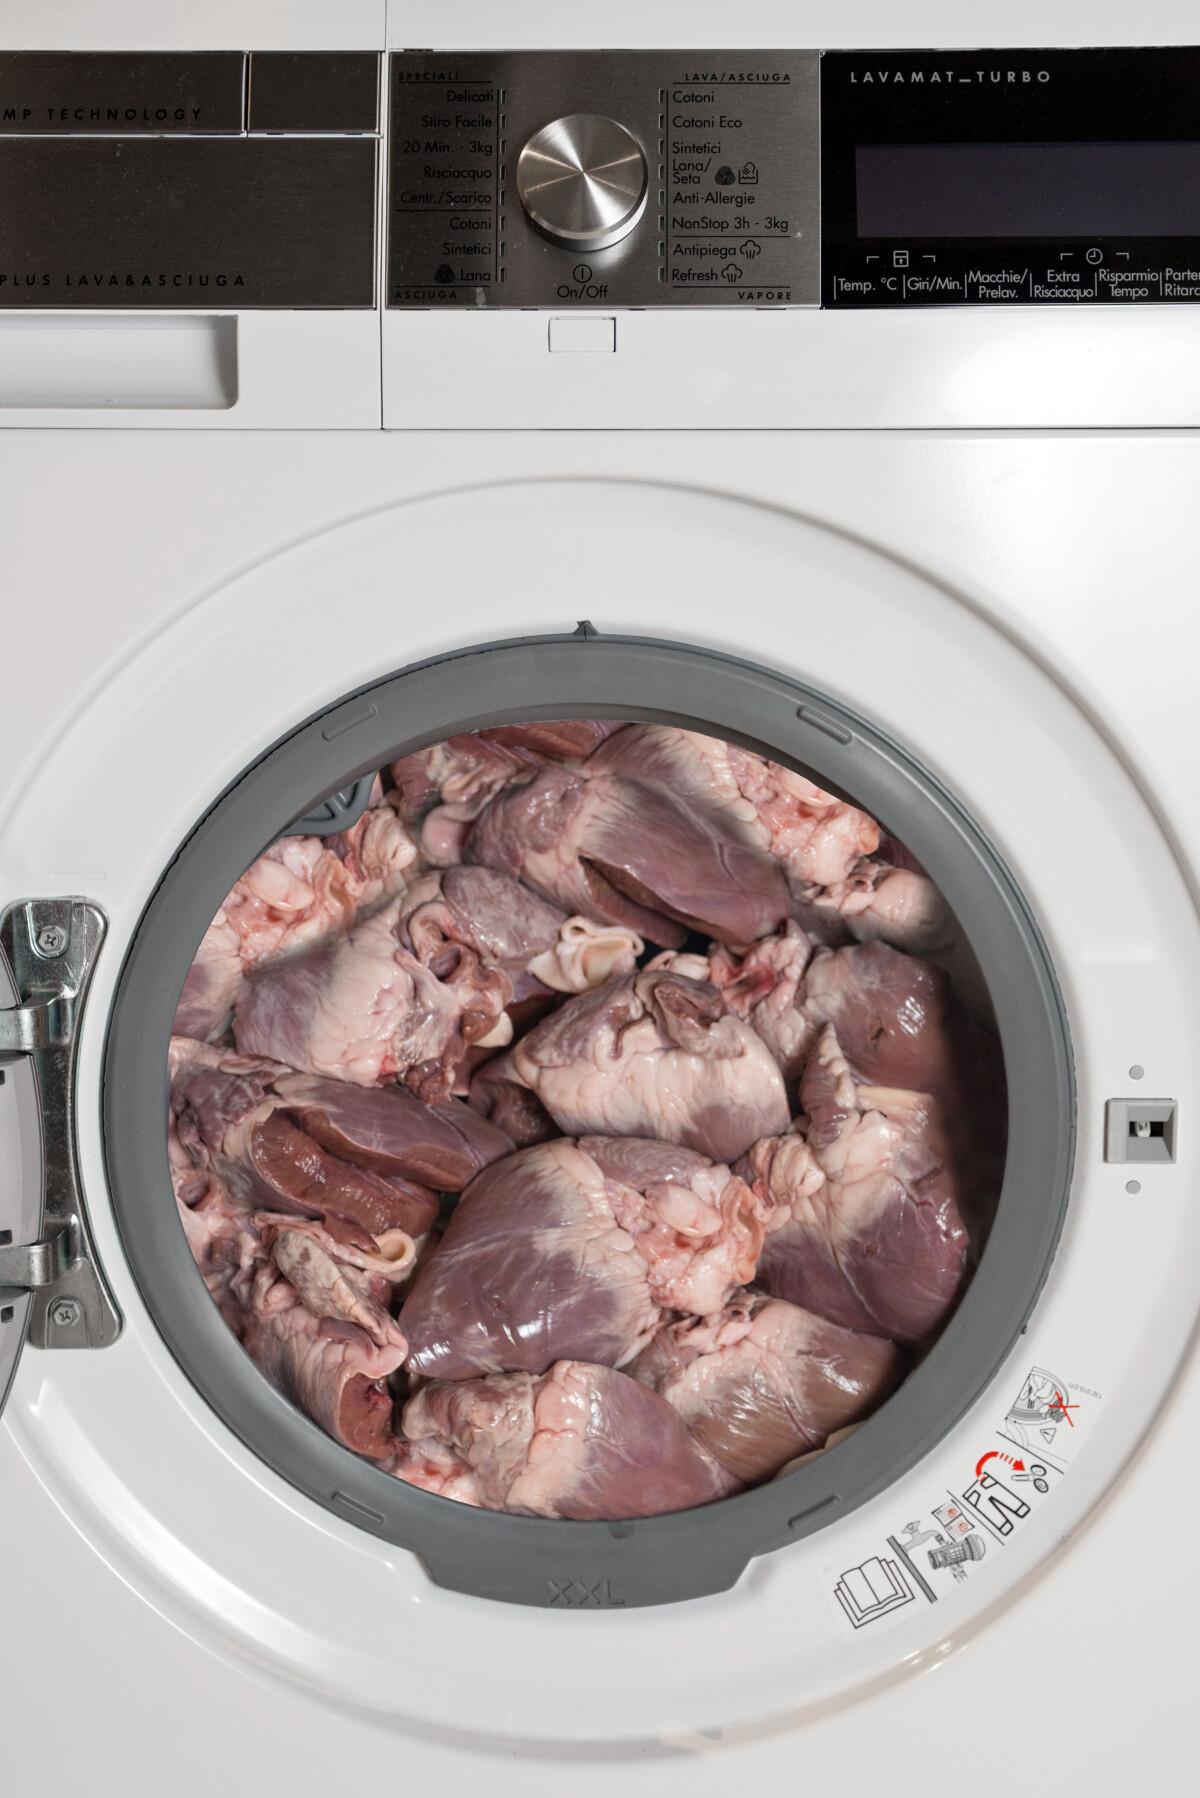 Cuori nella lavatrice